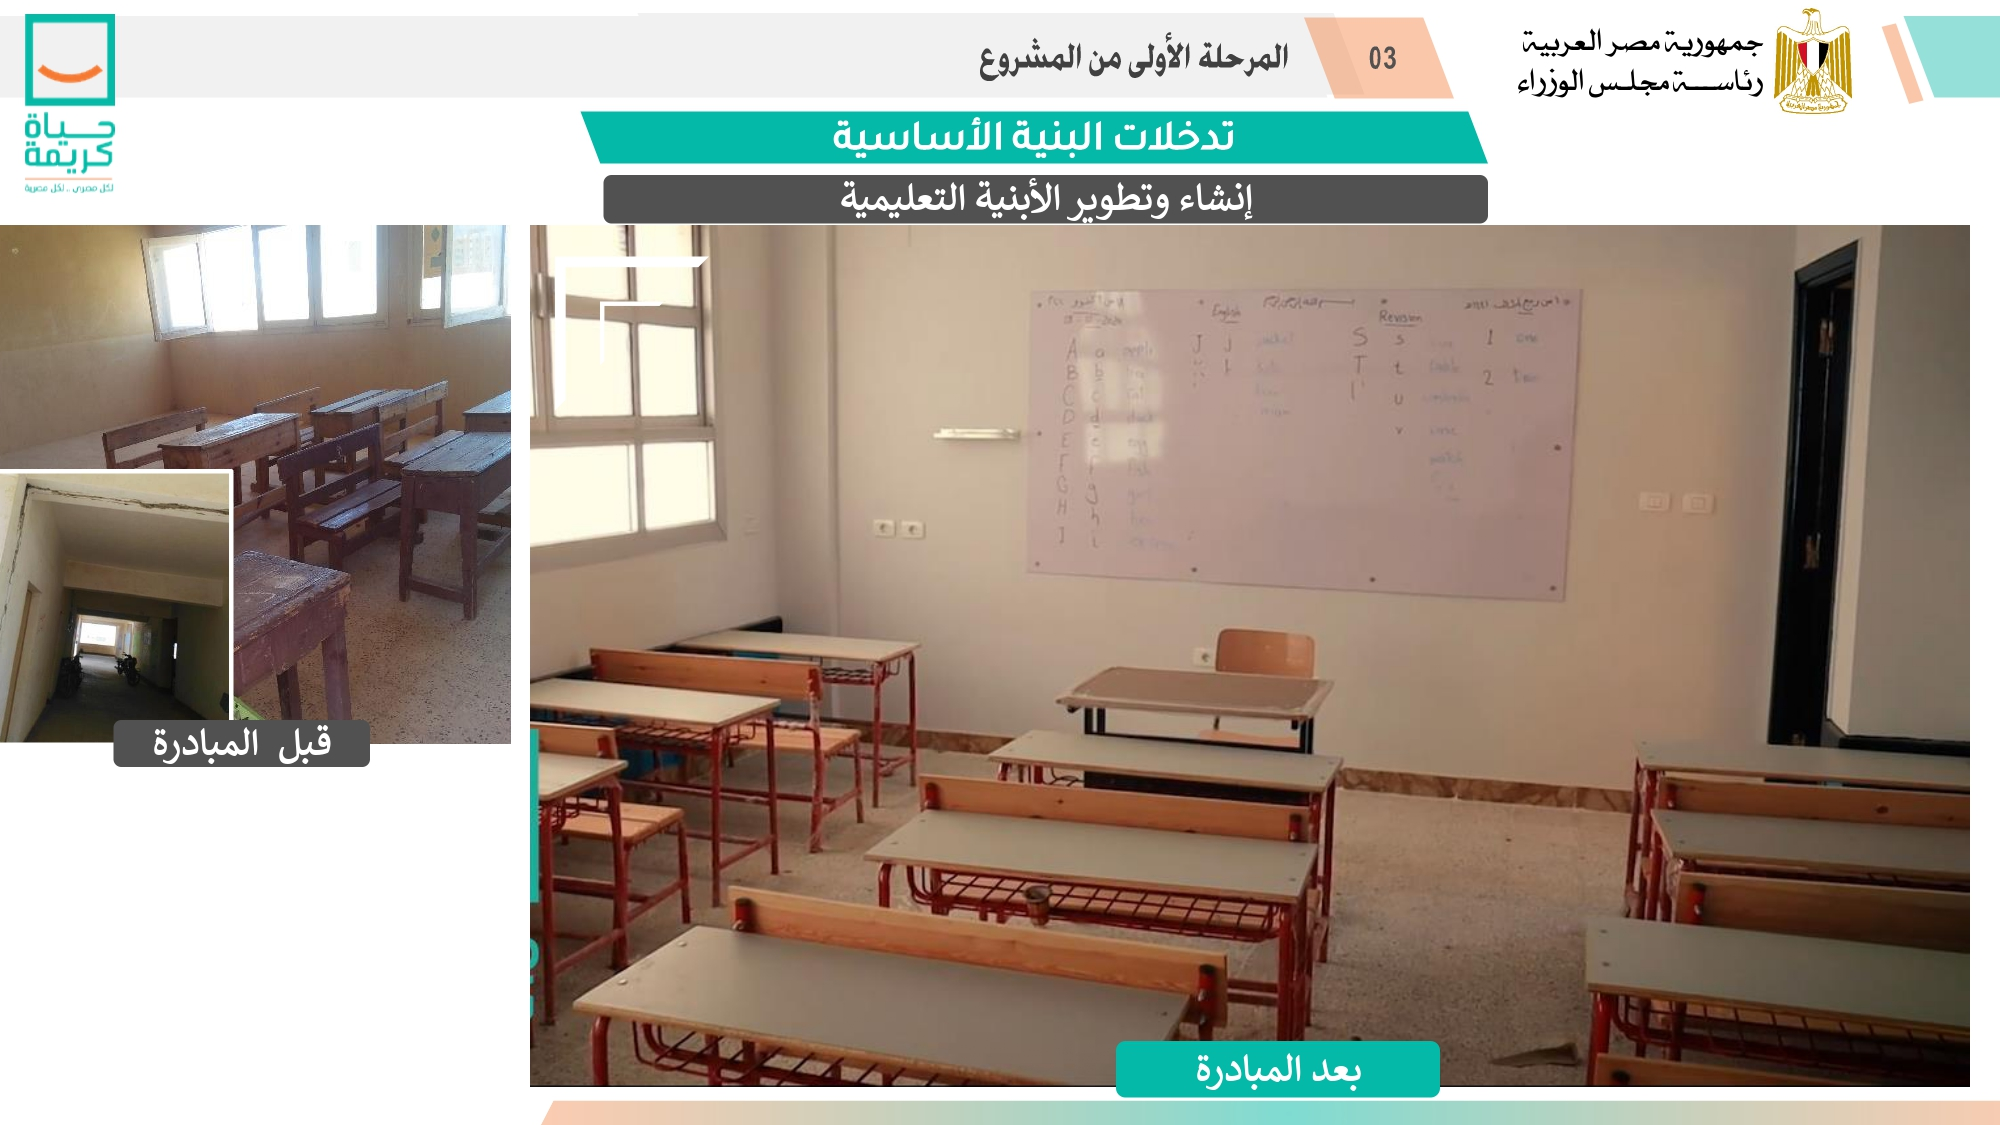 تطوير الأبنية التعليمية